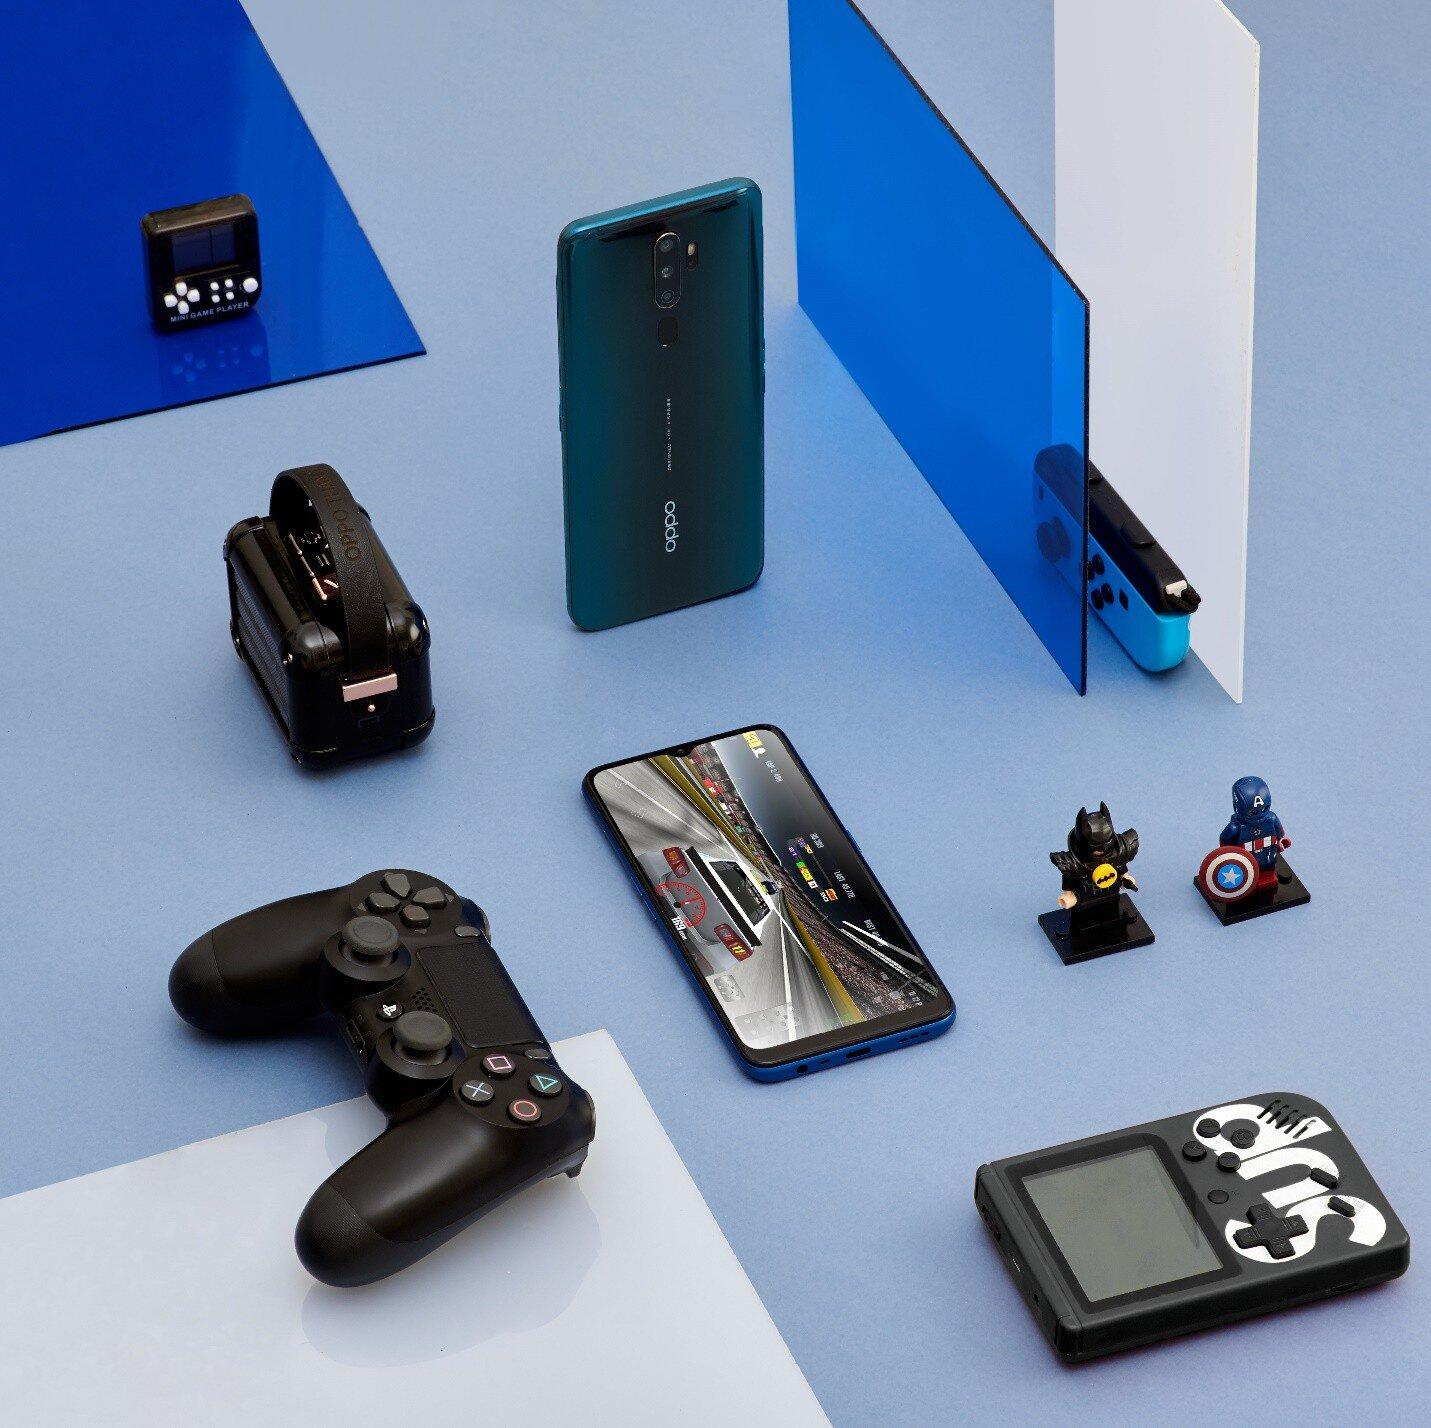 Mua điện thoại Oppo A9 chính hãng